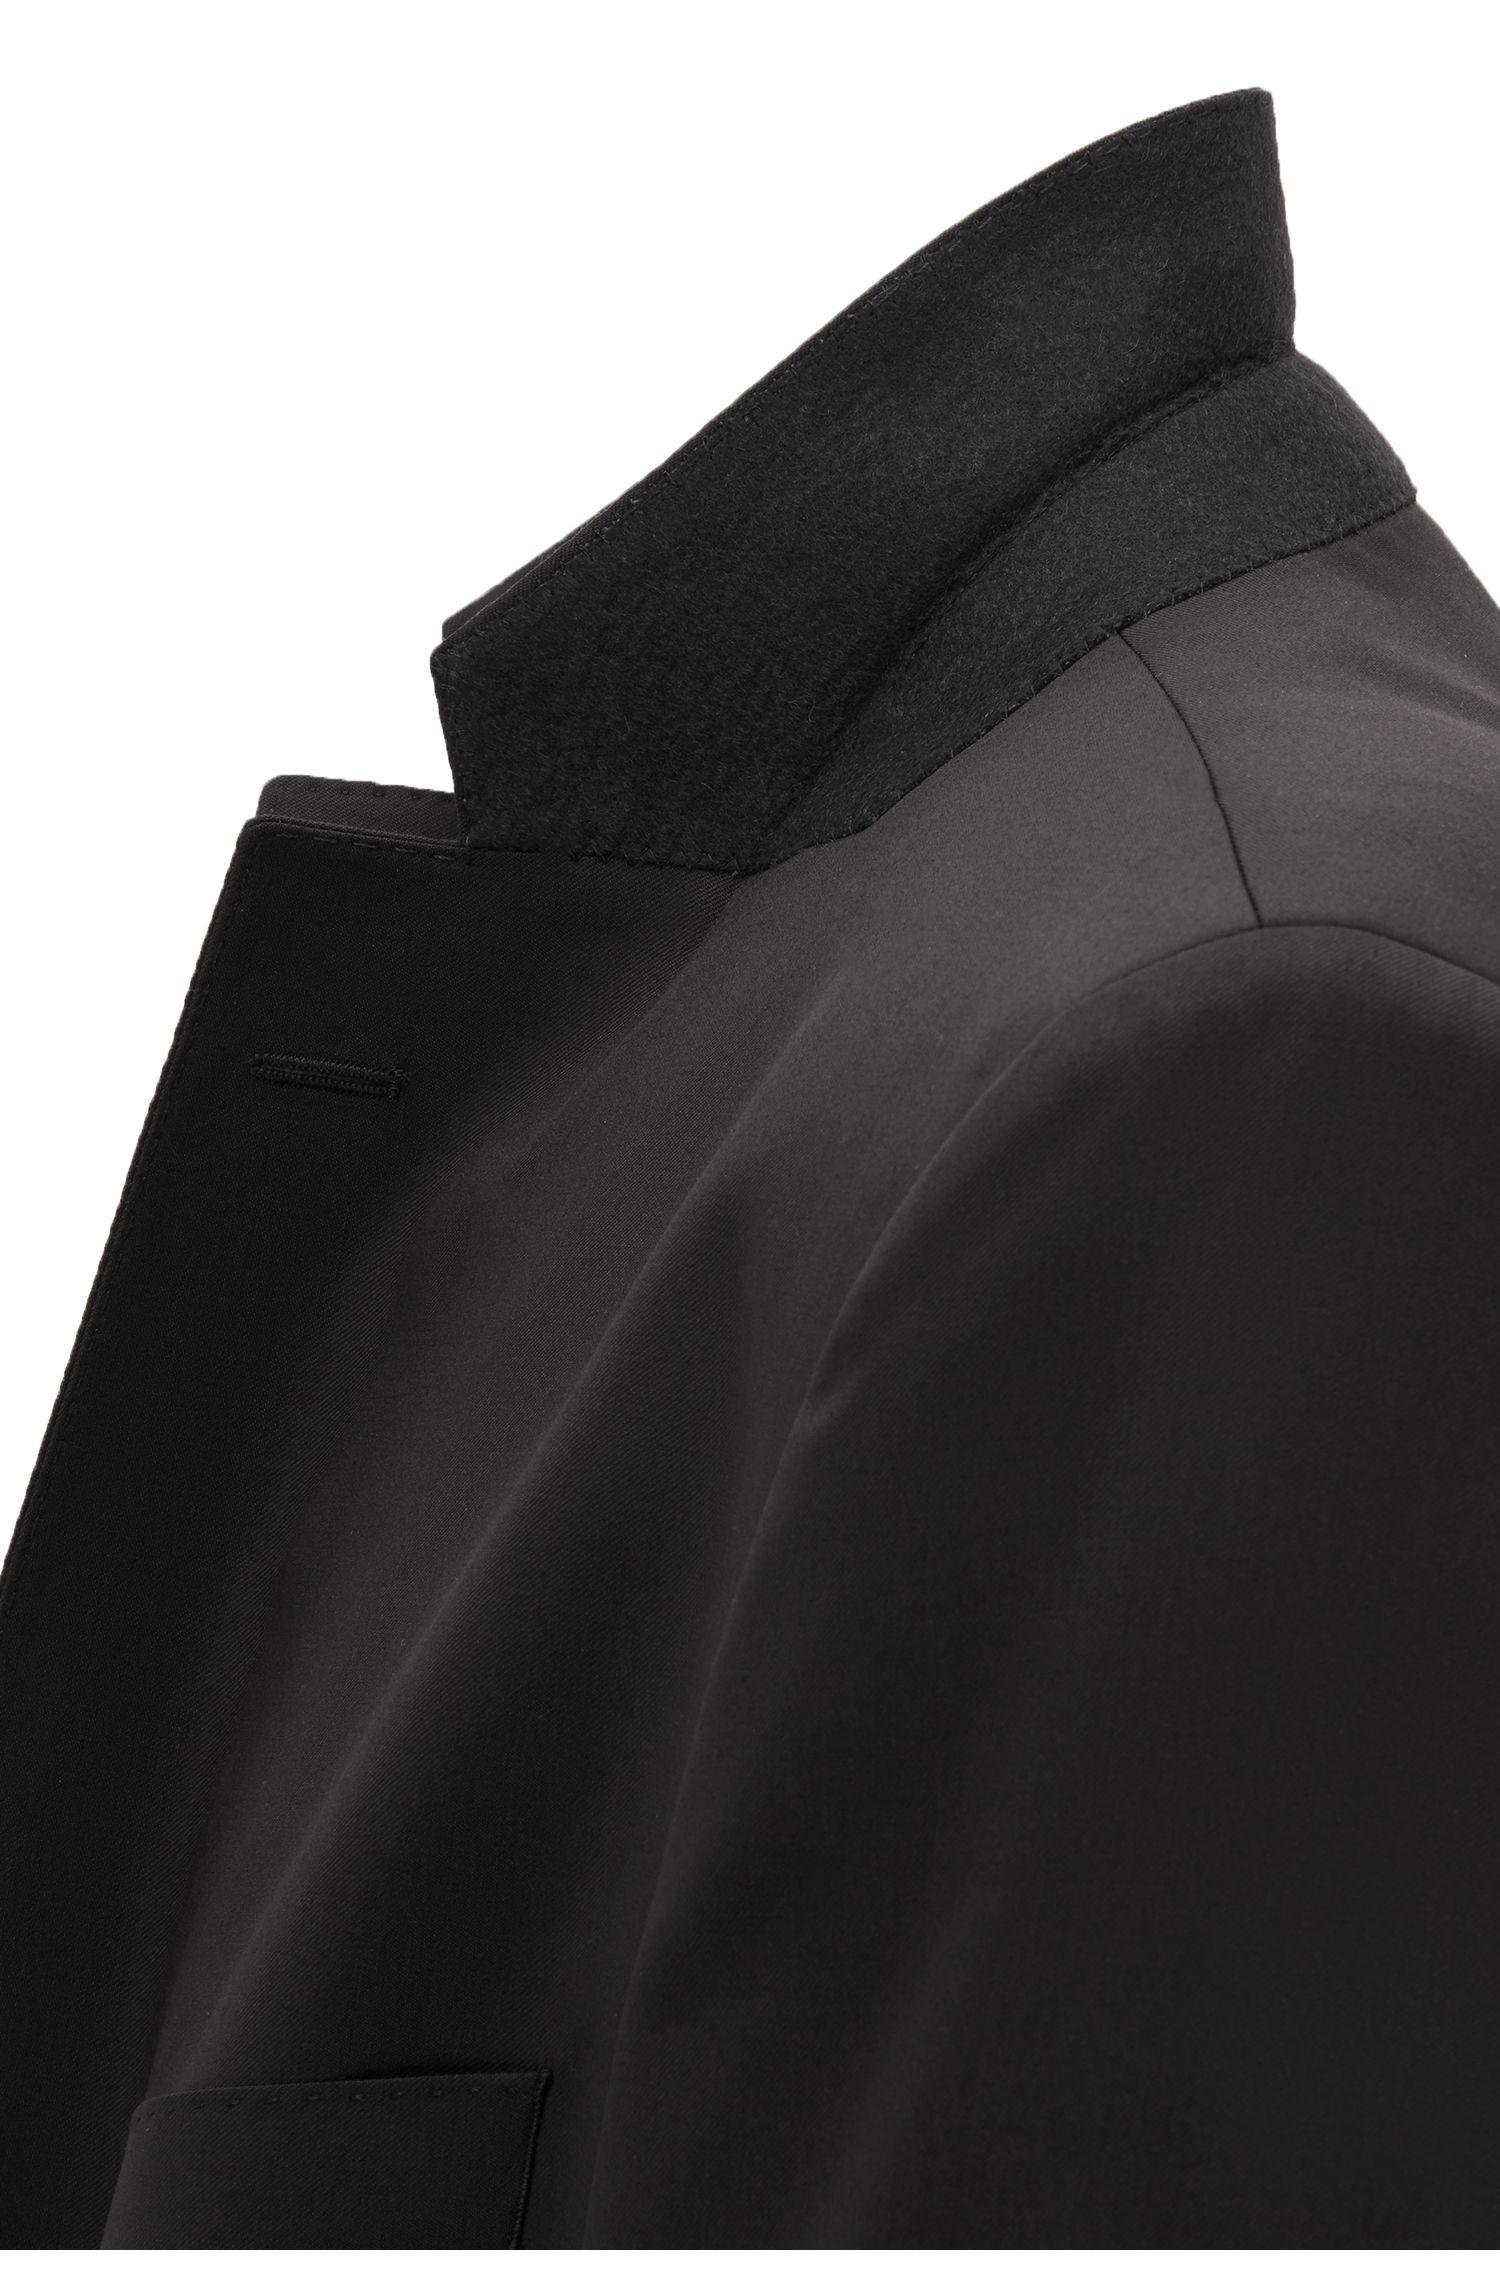 Italian Virgin Wool Sport Coat, Regular Fit | Johnstons CYL, Black